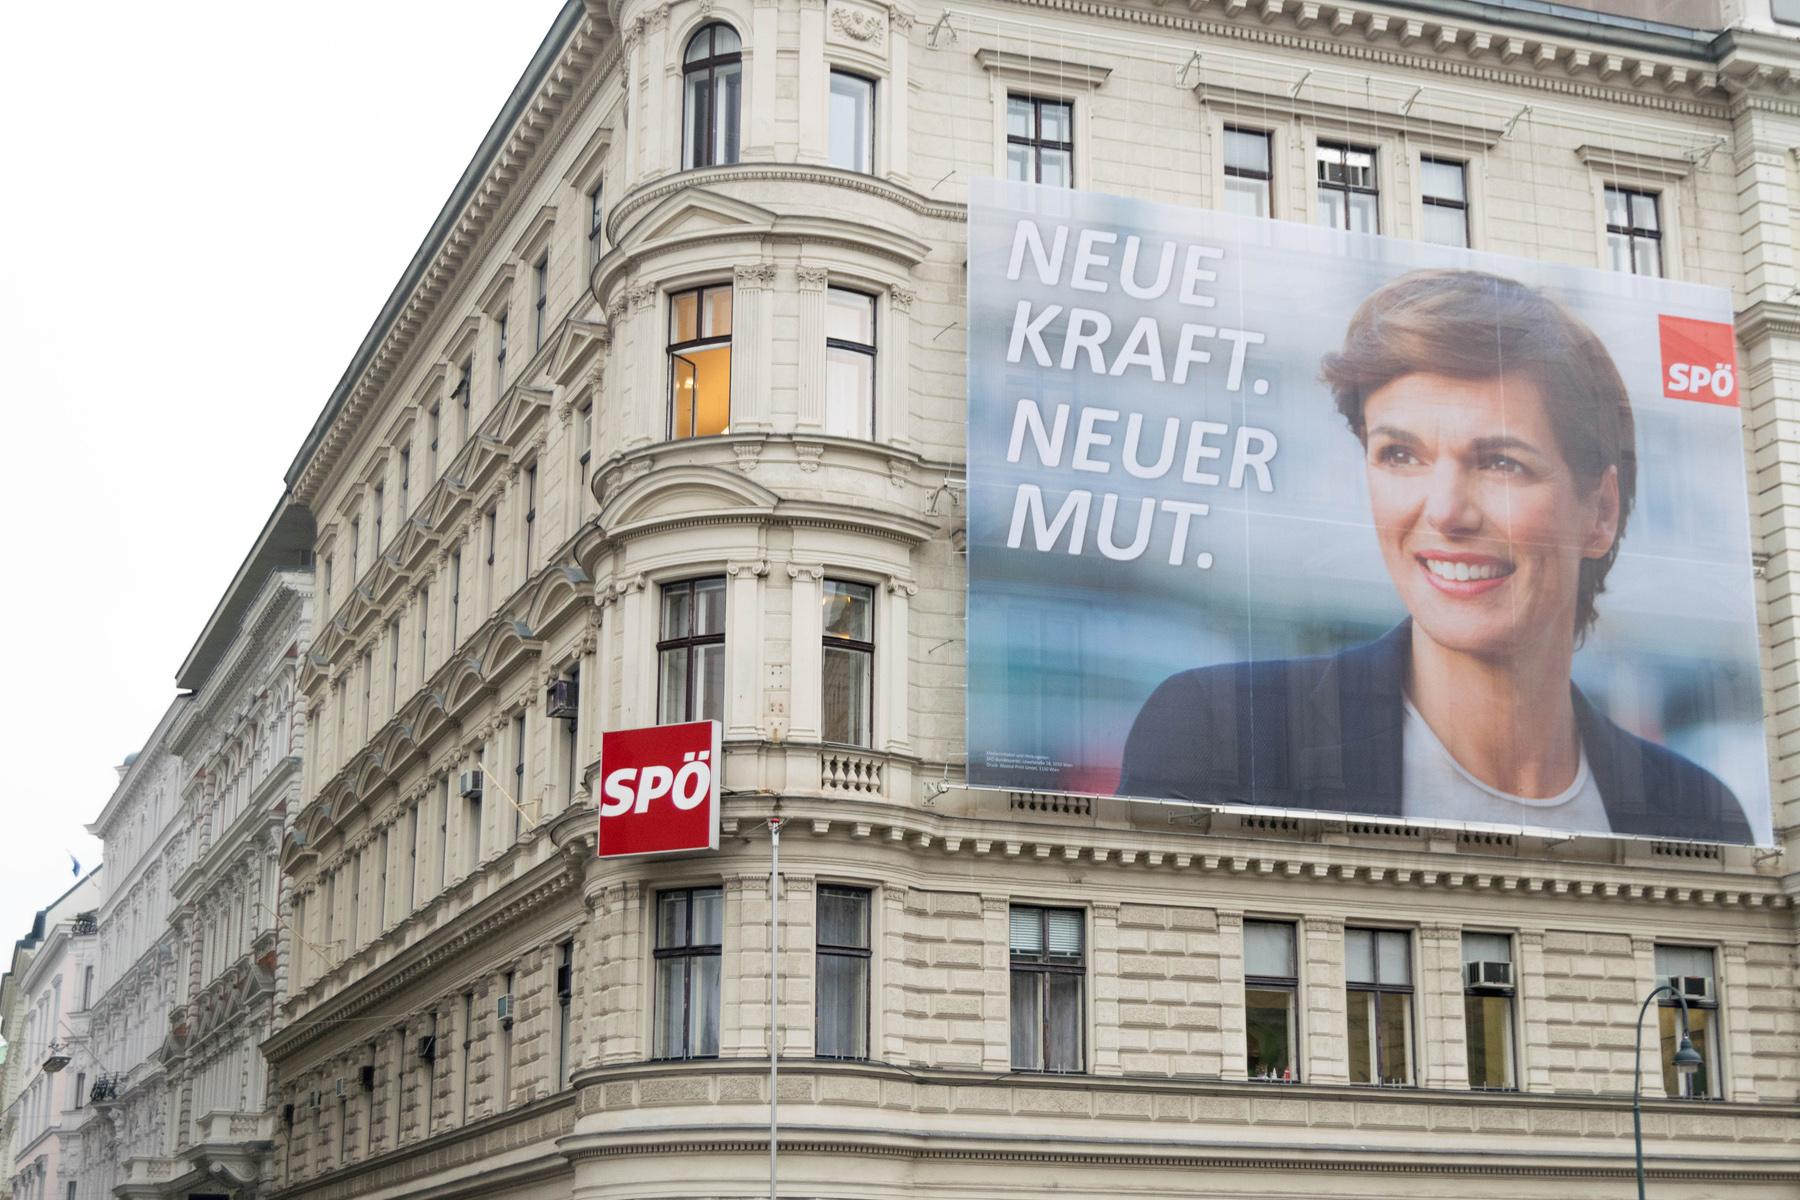 SPÖ headquarters in Vienna